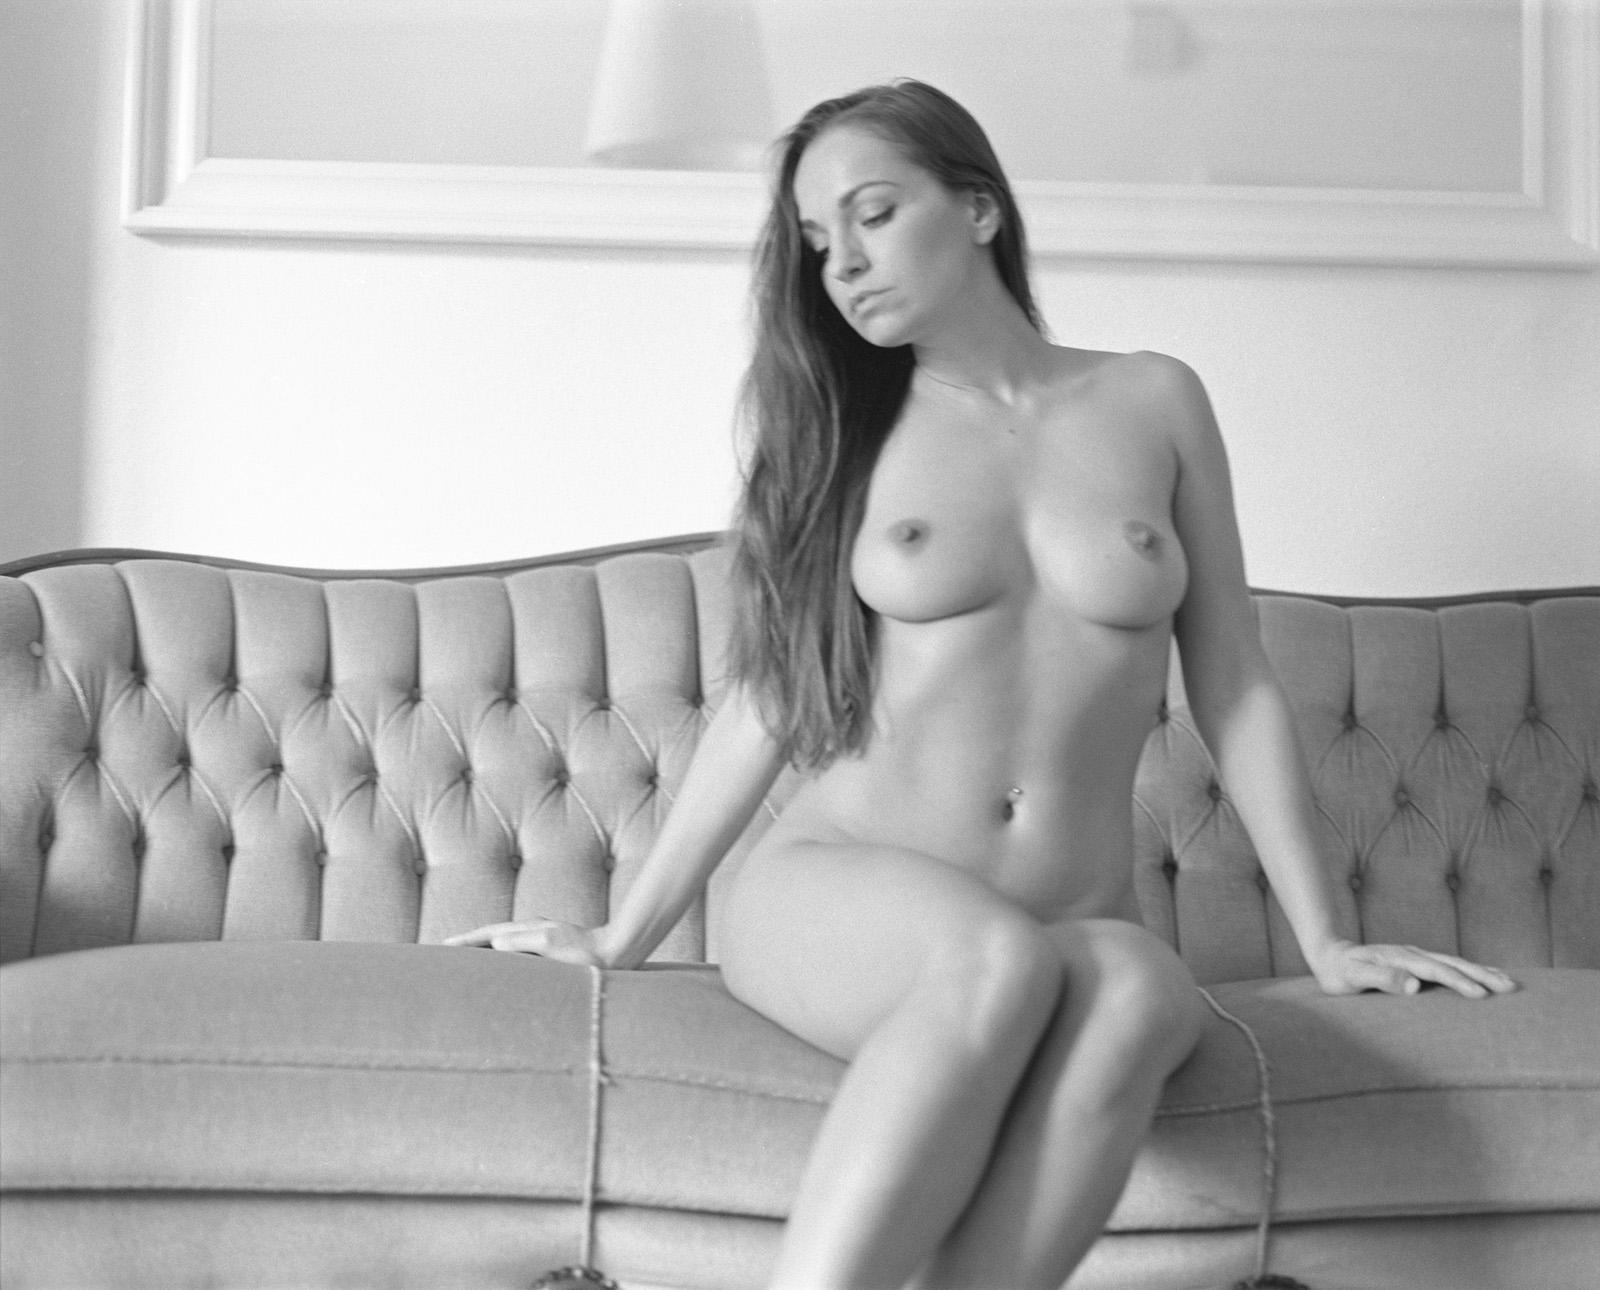 Anastasia auf ihrer Couch Akt Erotik Boudoir Fotograf sexy Homeshooting nackt